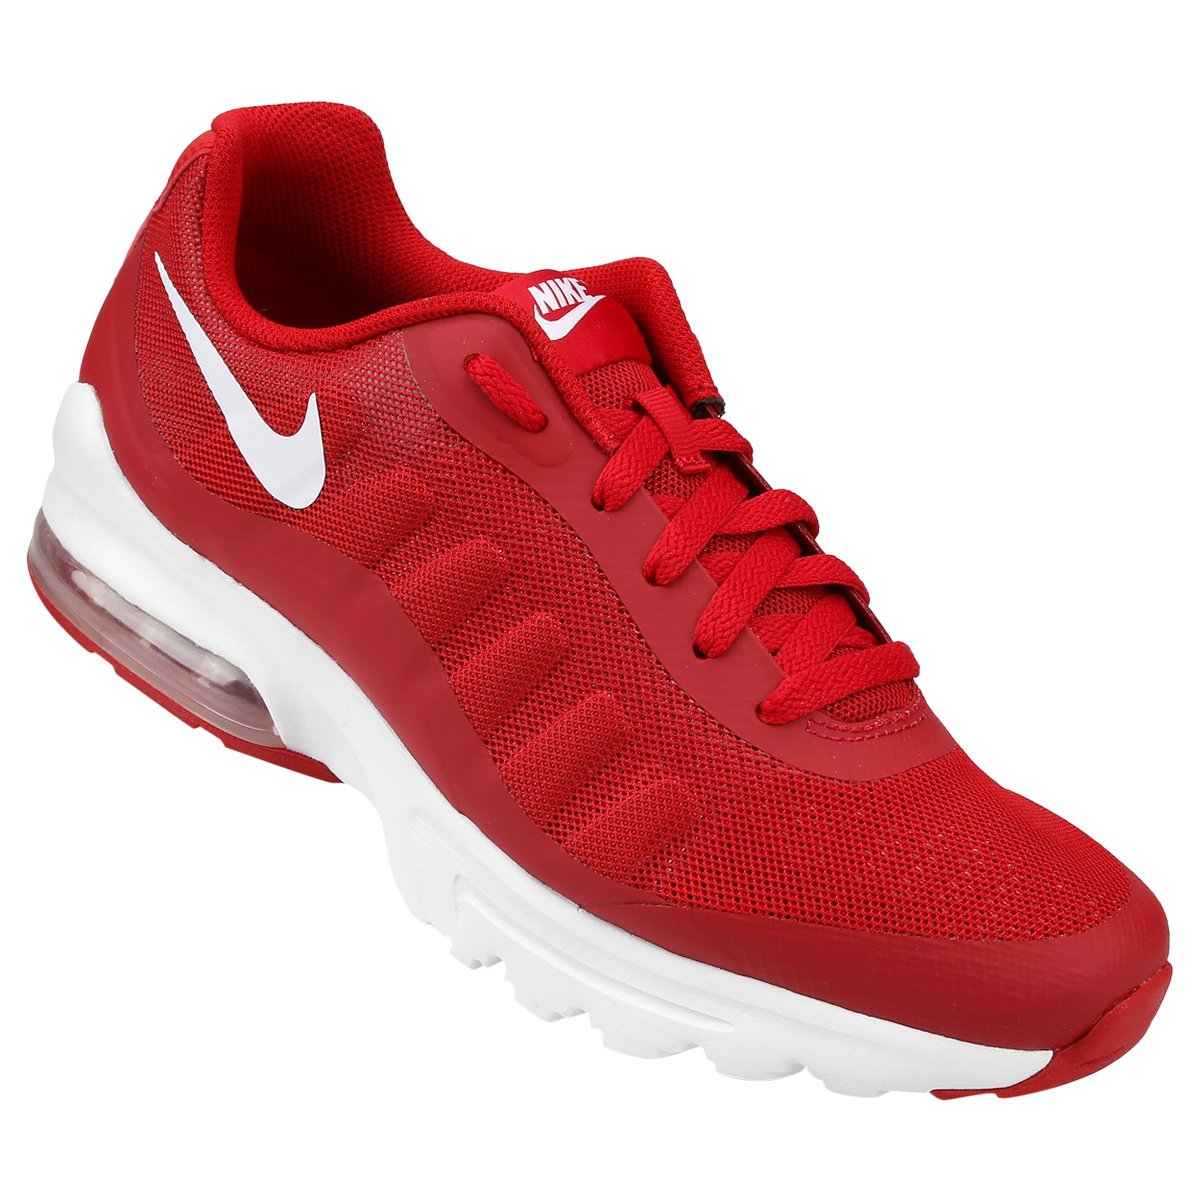 a6c79a34e4c Tênis Nike Air Max Invigor Masculino - Vermelho e Branco - Compre Agora